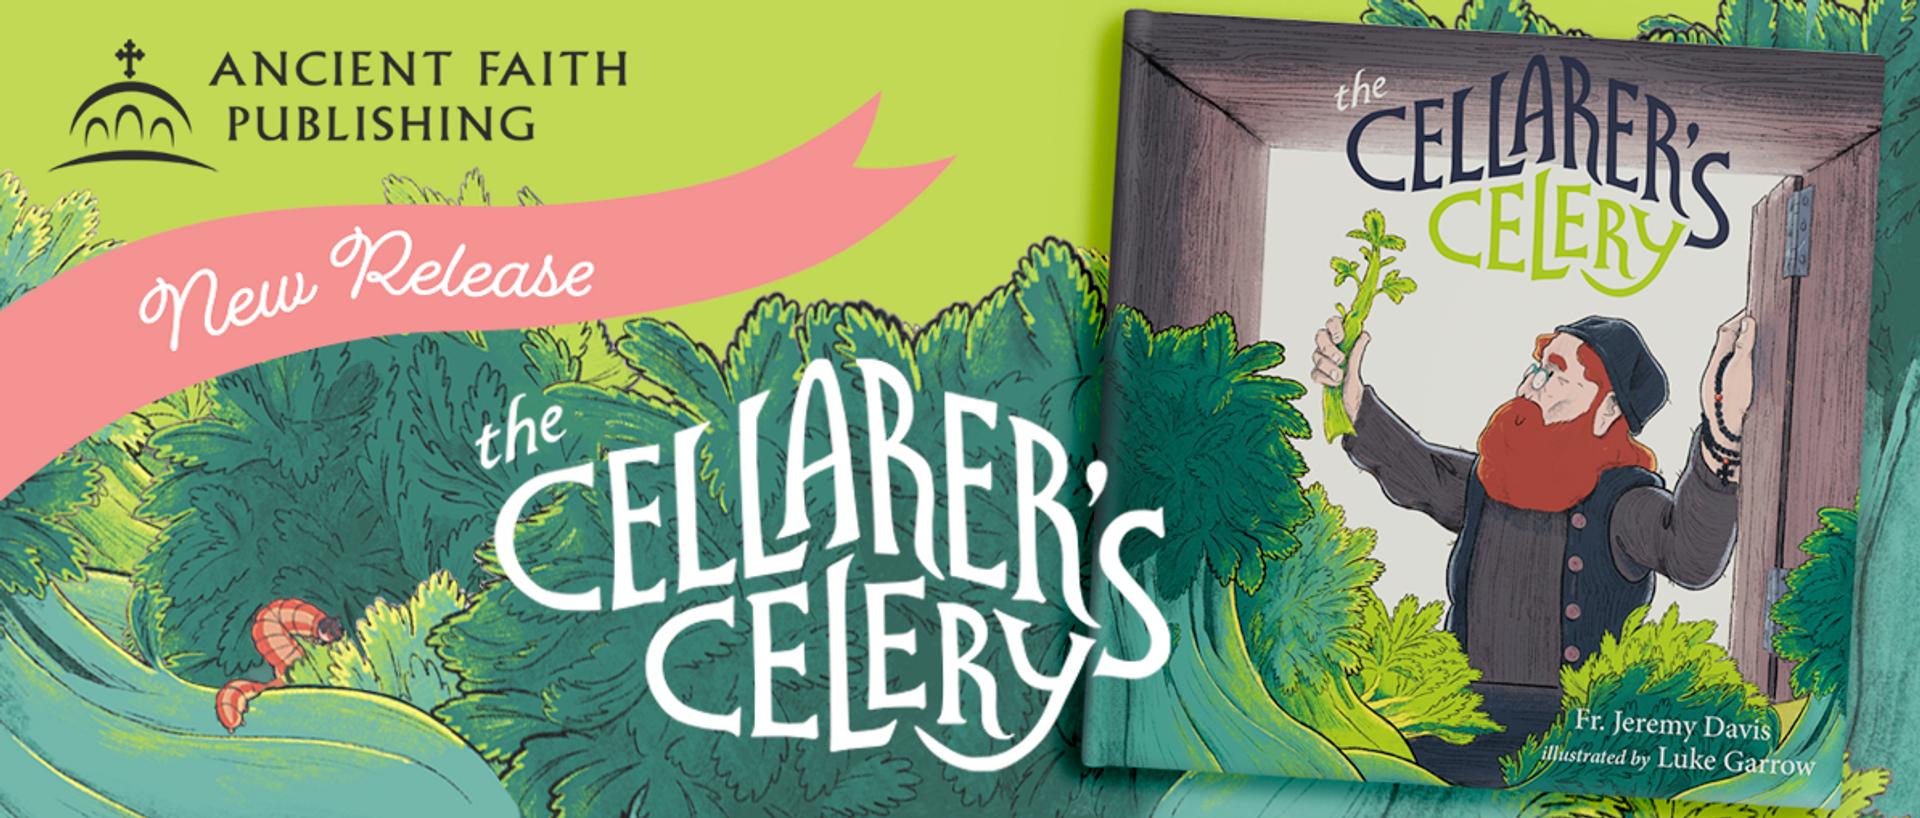 The Cellarer's Celery